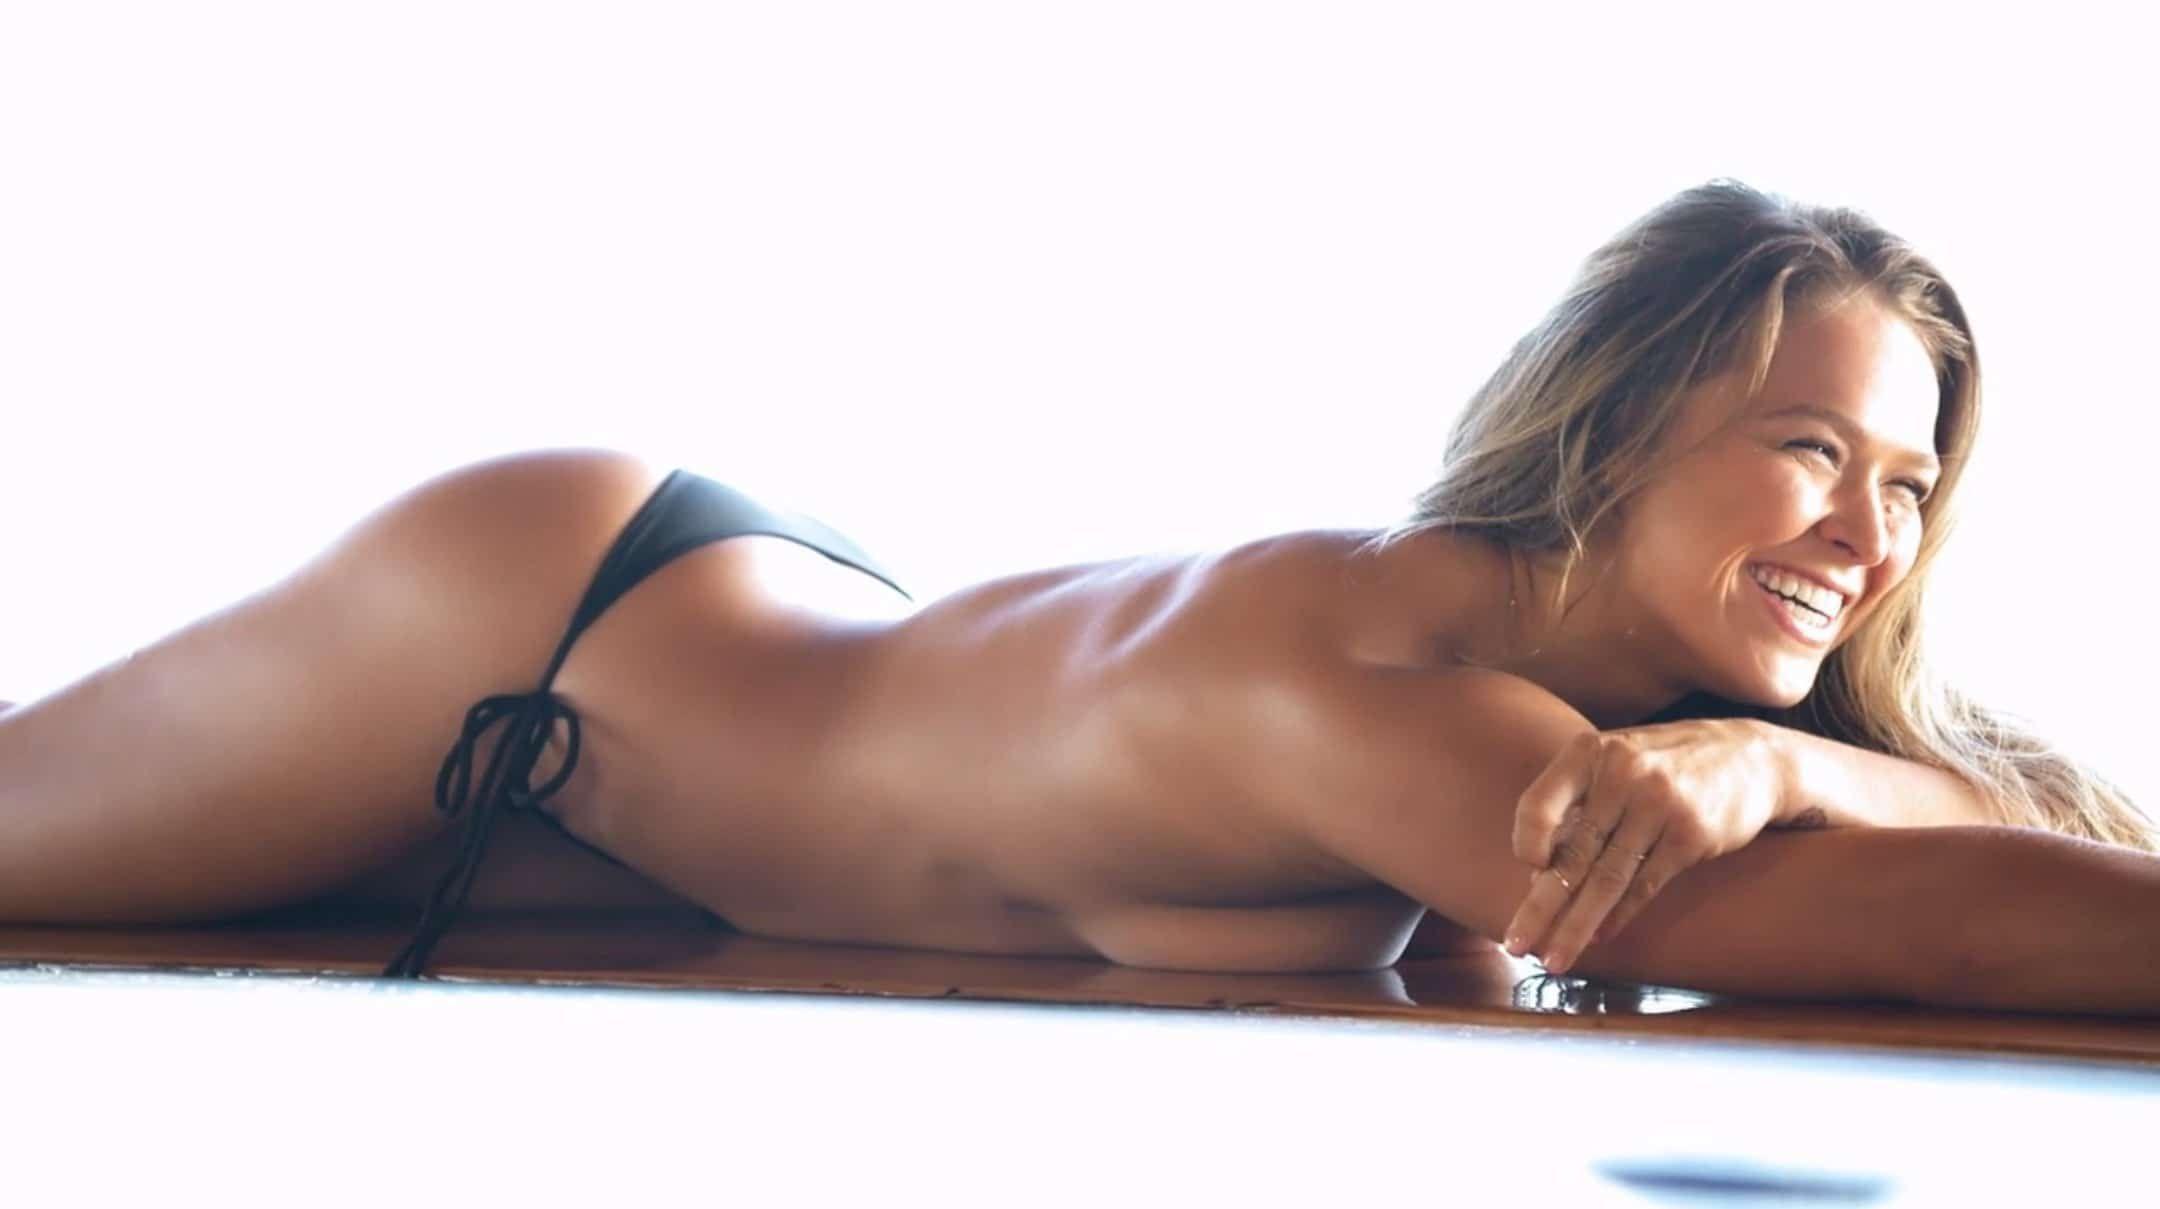 Kết quả hình ảnh cho ronda rousey wallpaper nude